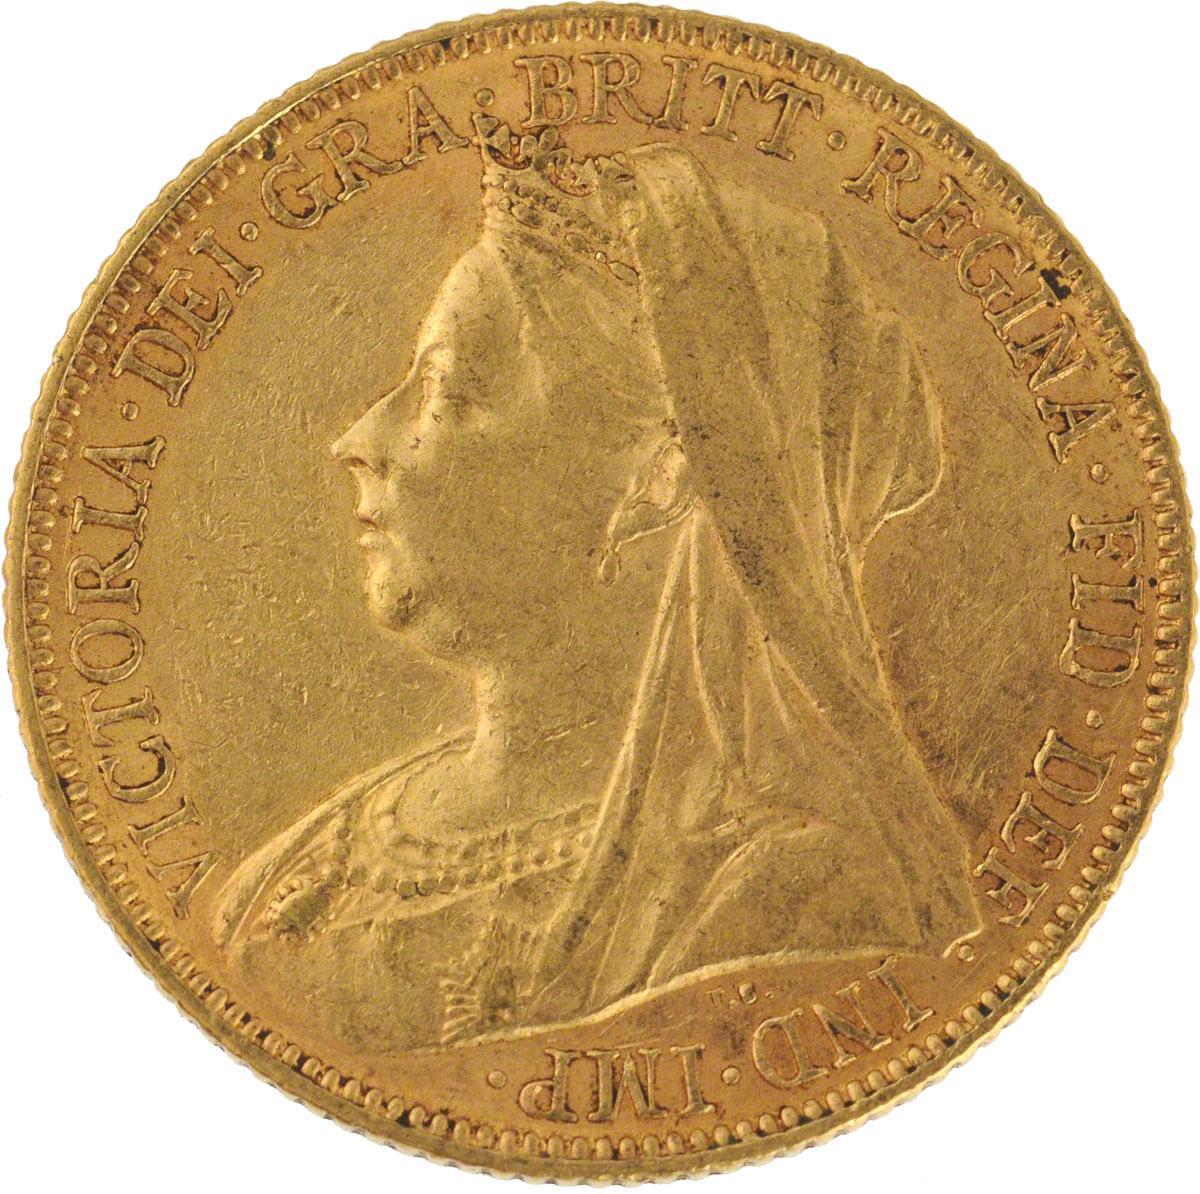 1898 Βικτώρια (Νομισματοκοπείο Μελβούρνης)